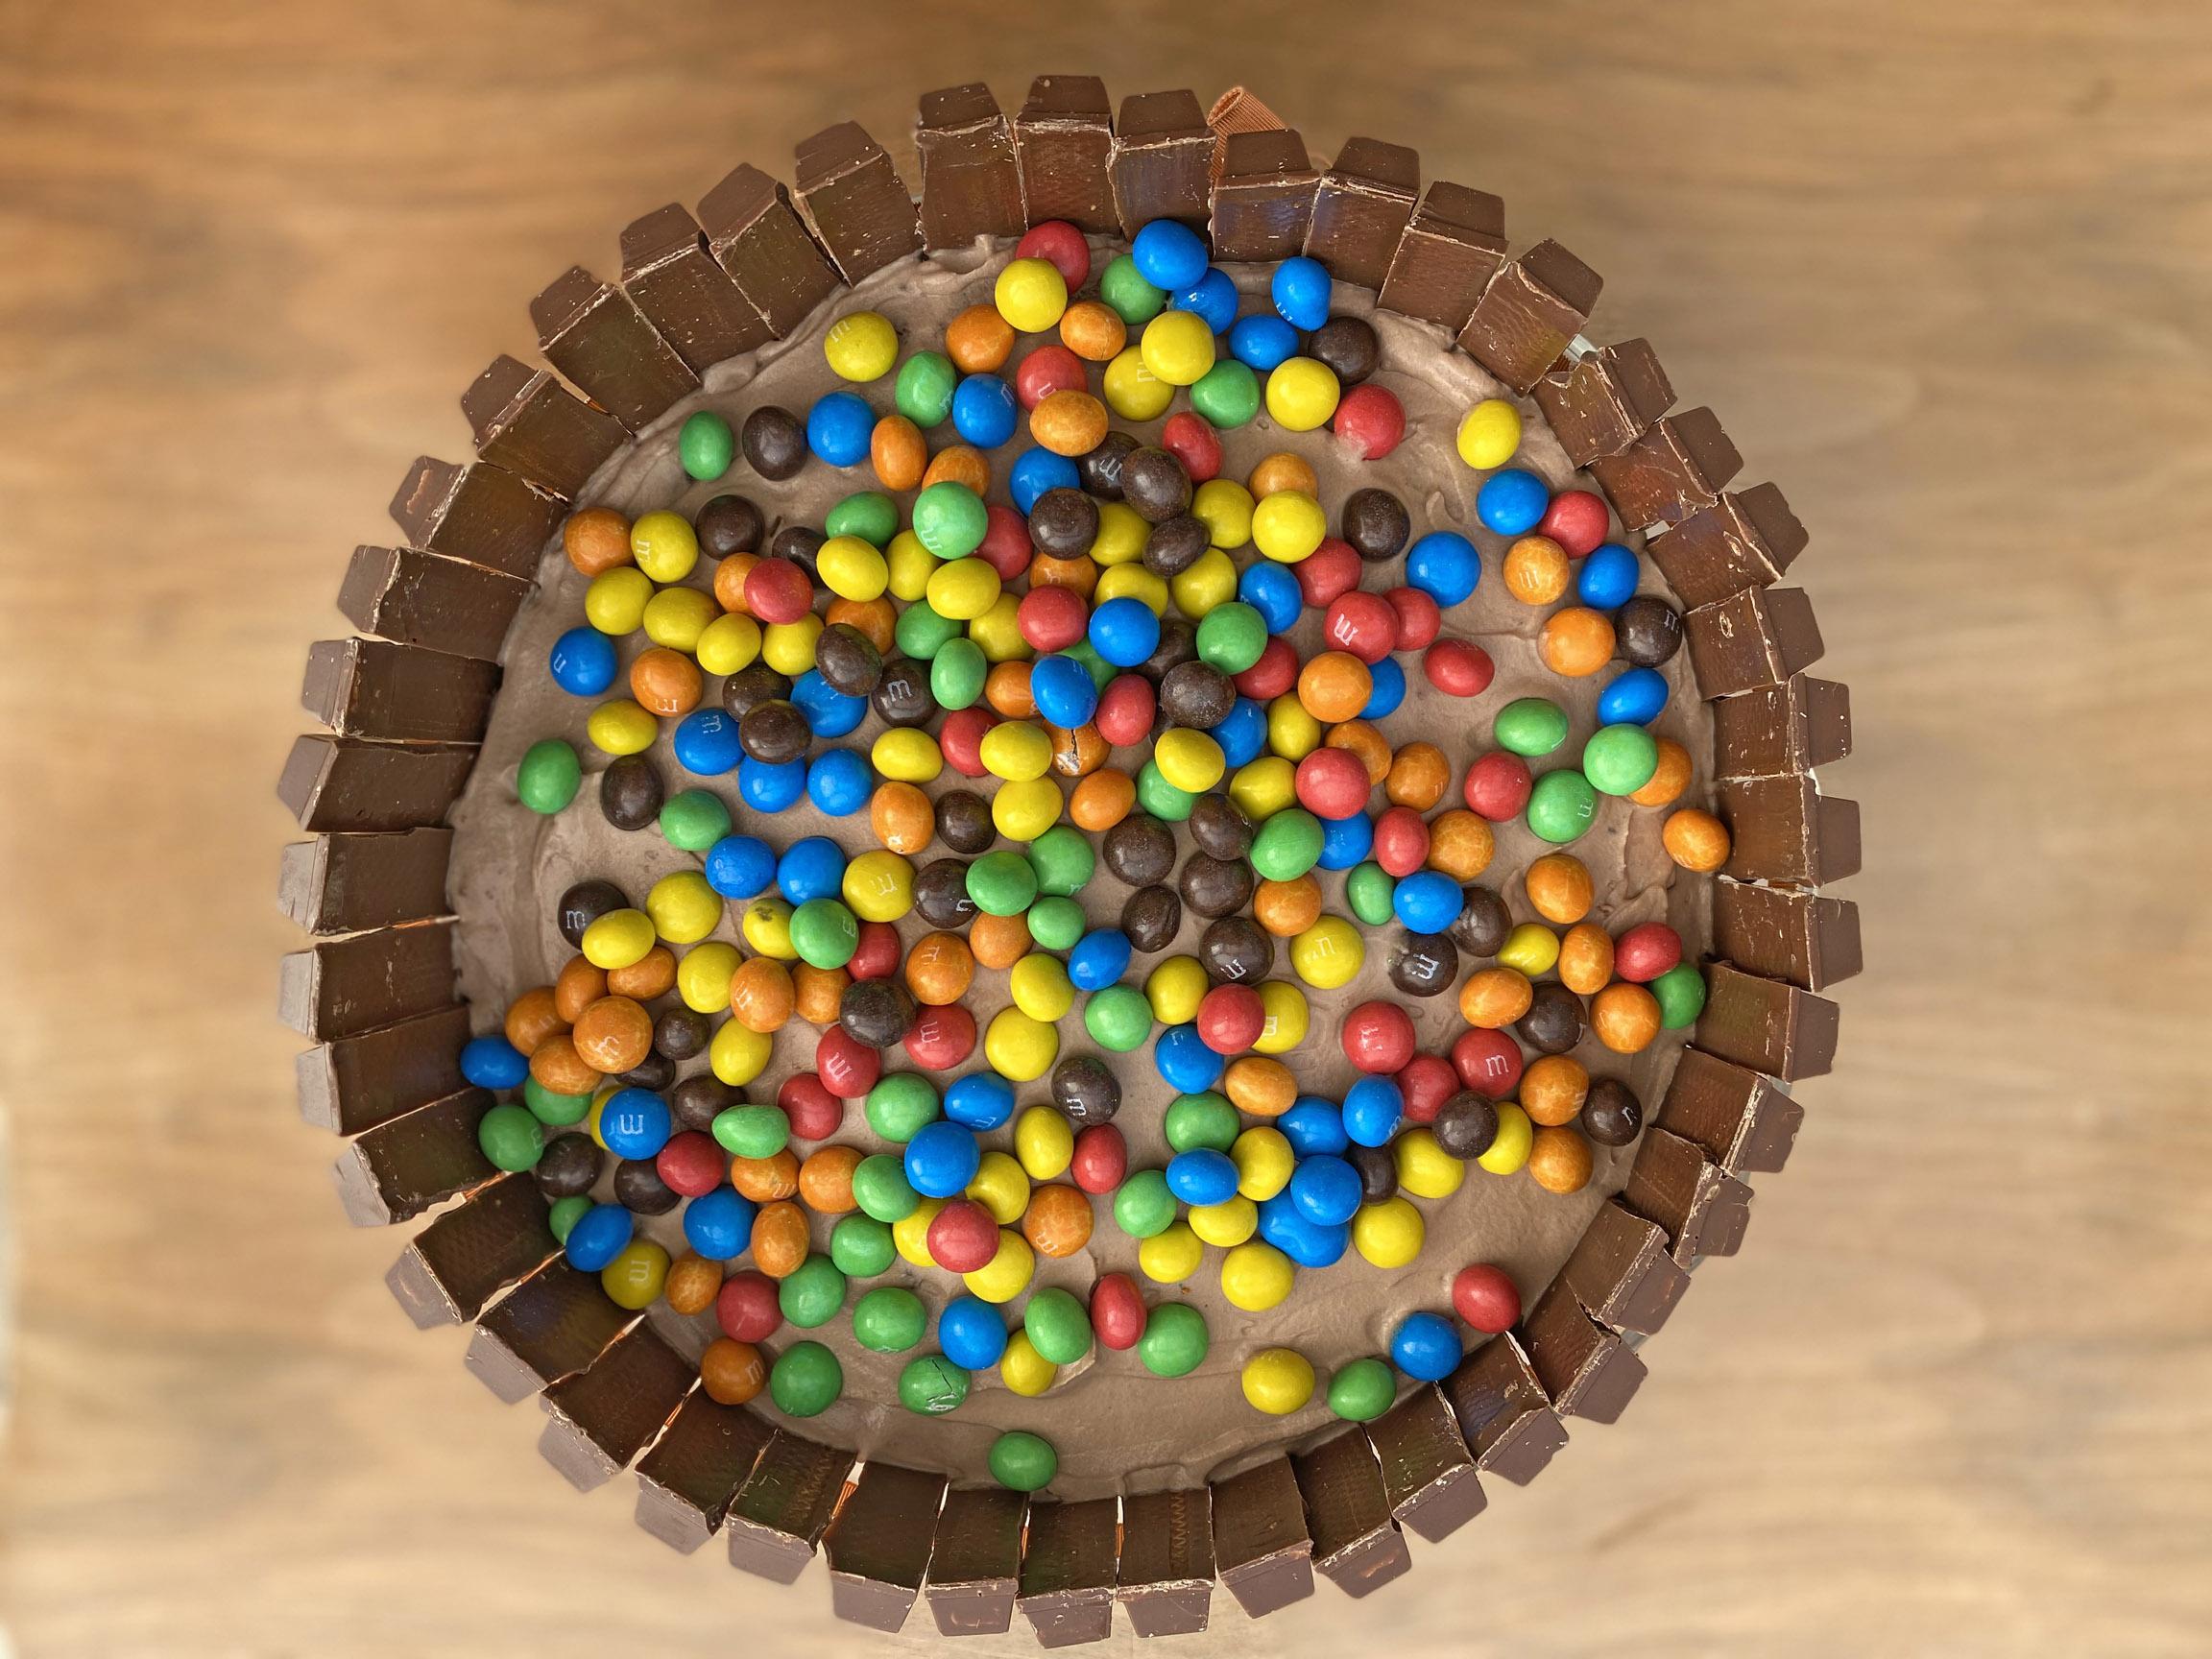 tort czekoladowy M&M's i KitKat by FASHION ART MEDIA